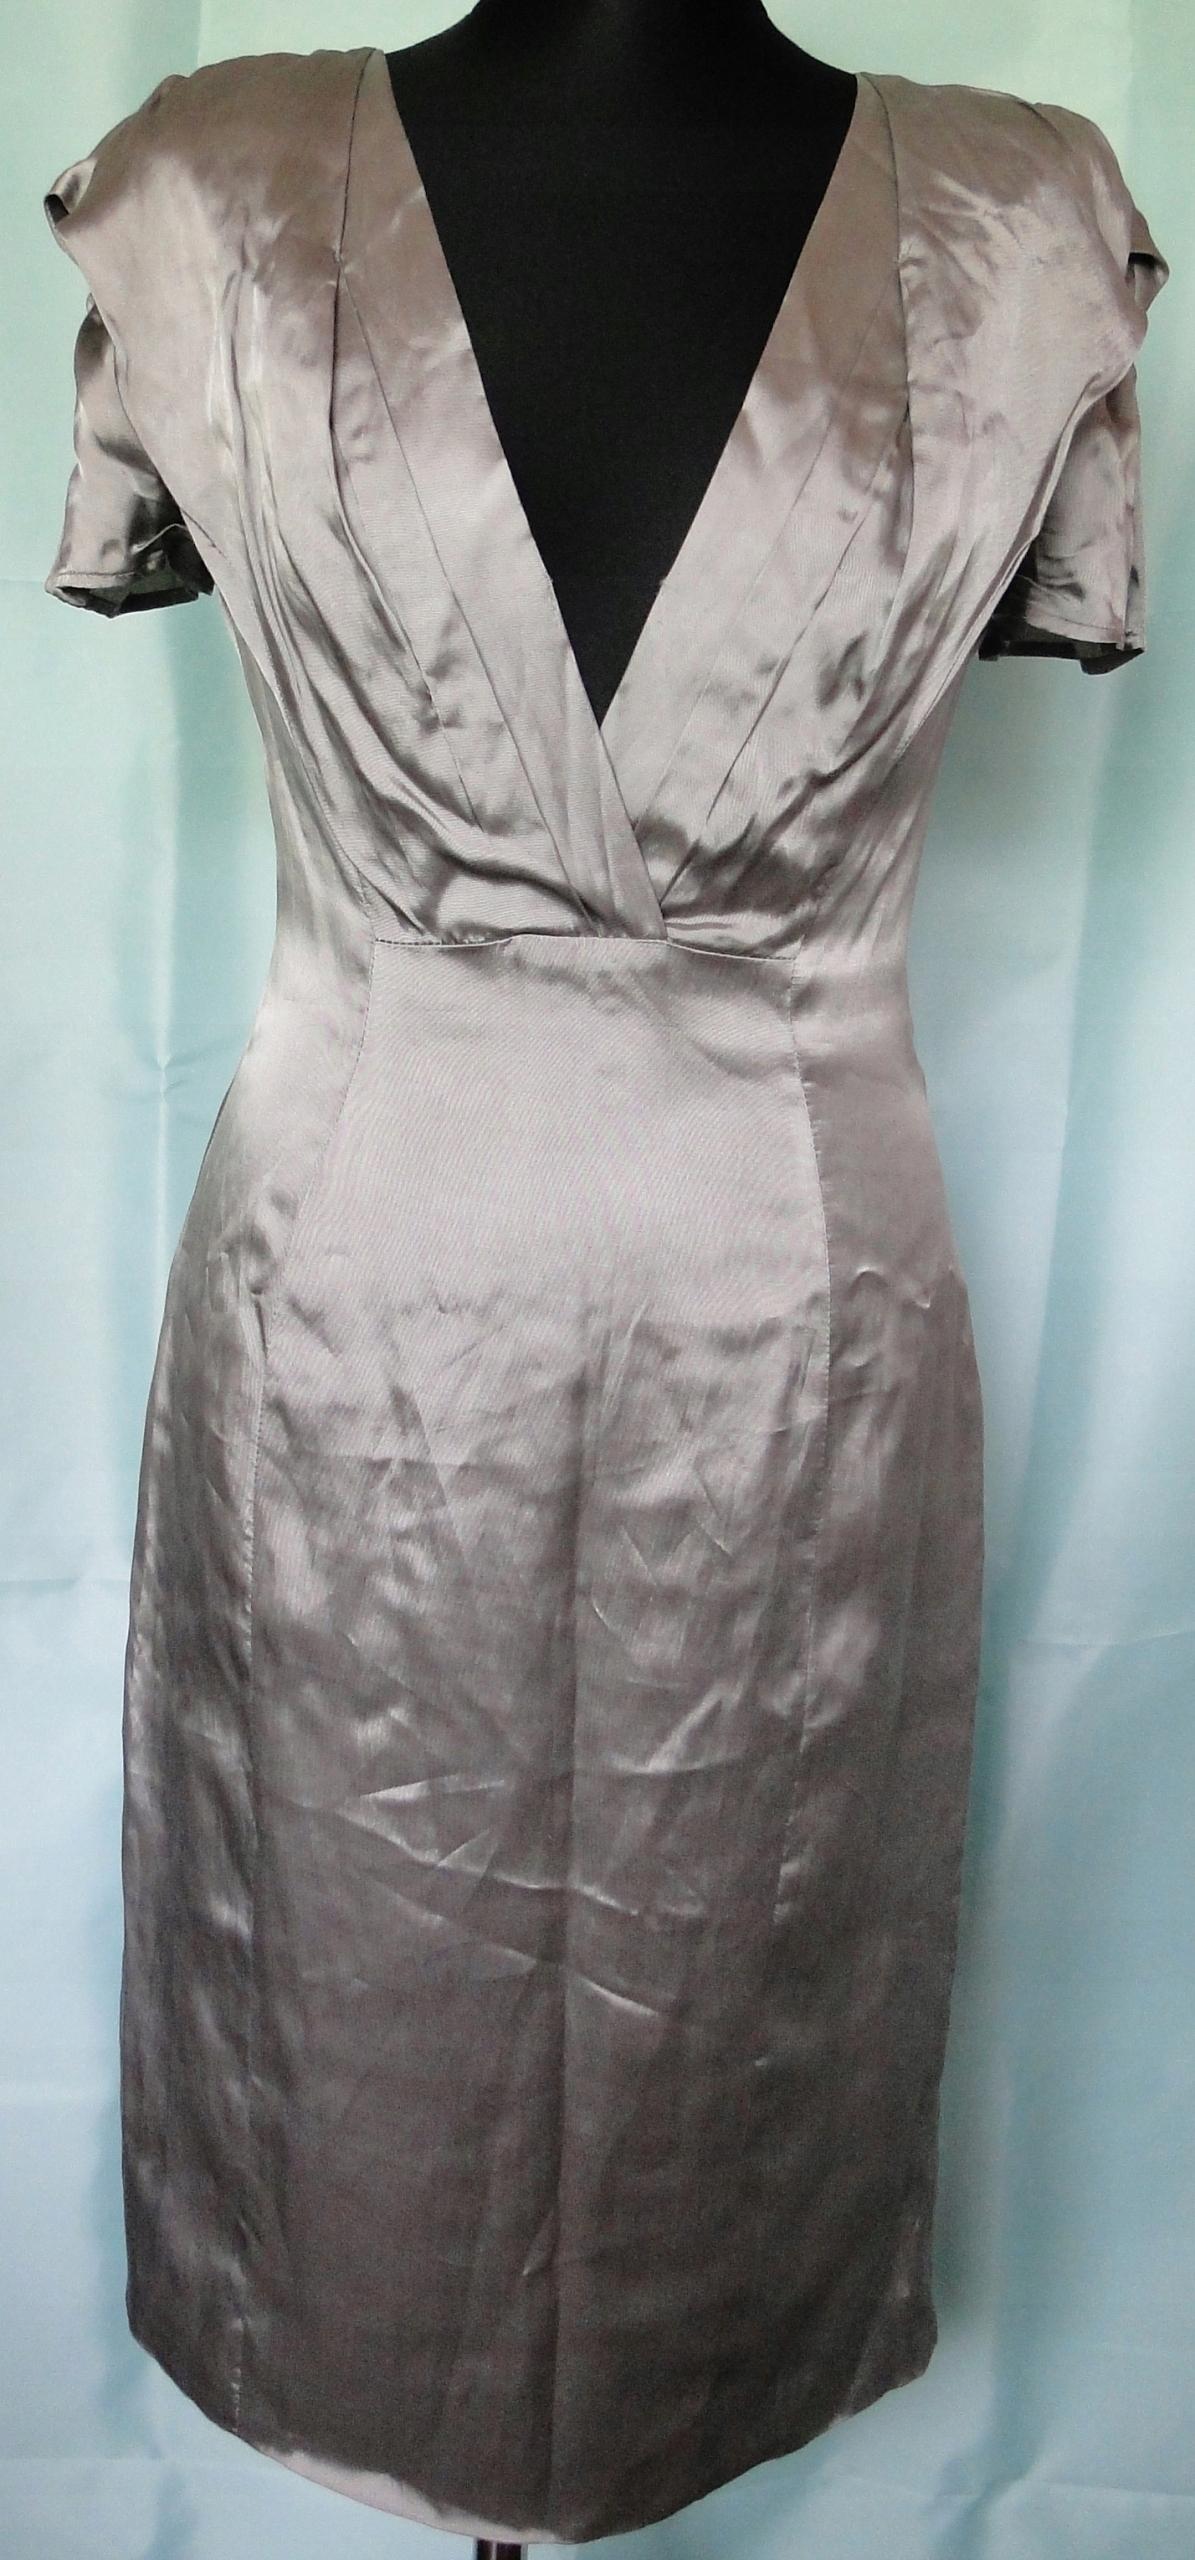 27d1dd66bc TIFFI - sukienka - rozm. xs - 7591142569 - oficjalne archiwum allegro